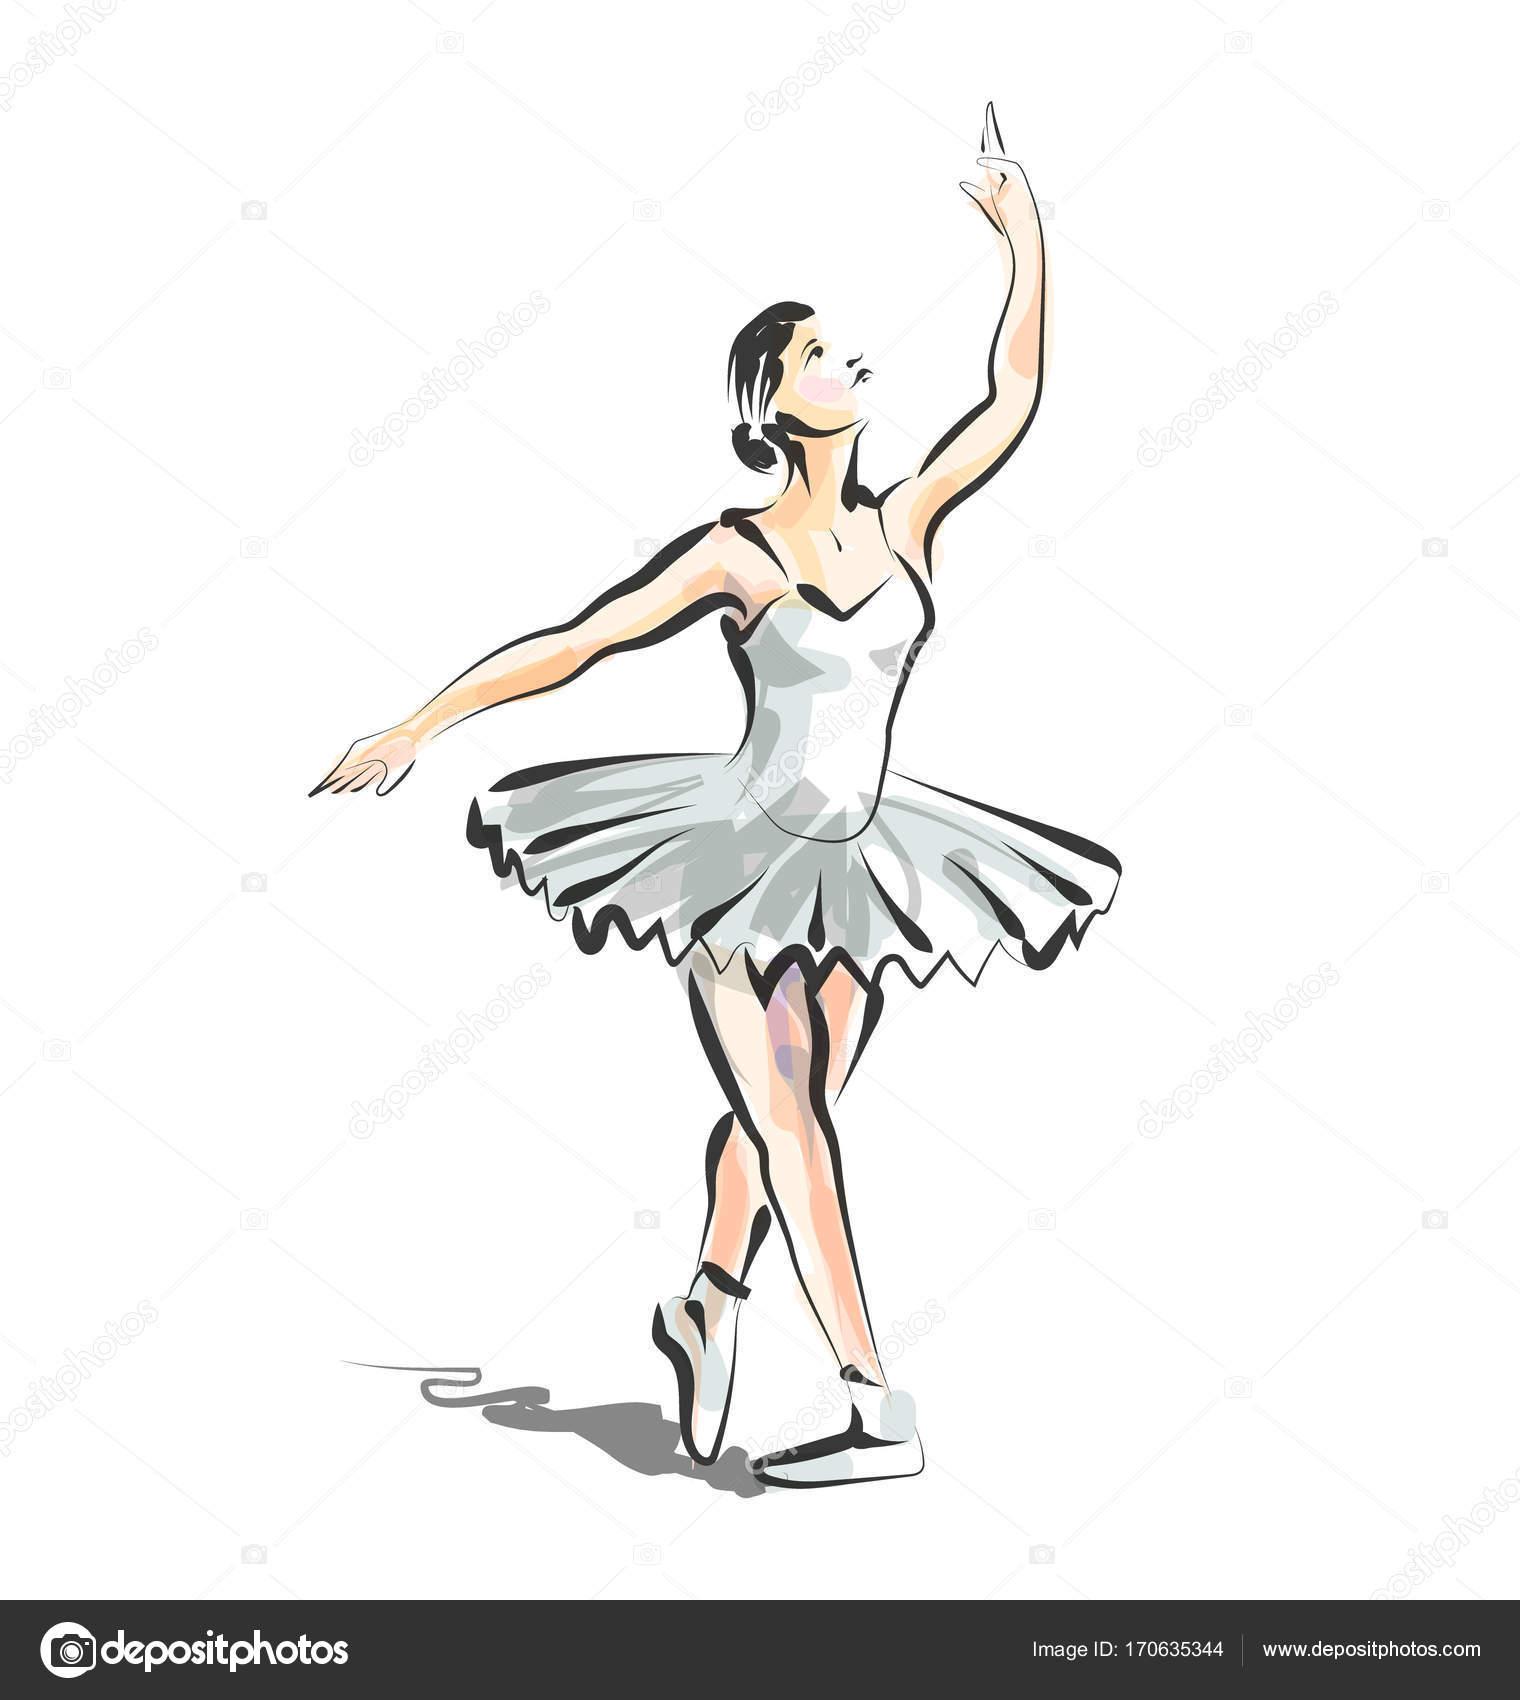 Dibujos Dibujo De Bailarina A Color Dibujo De Línea Color Vector